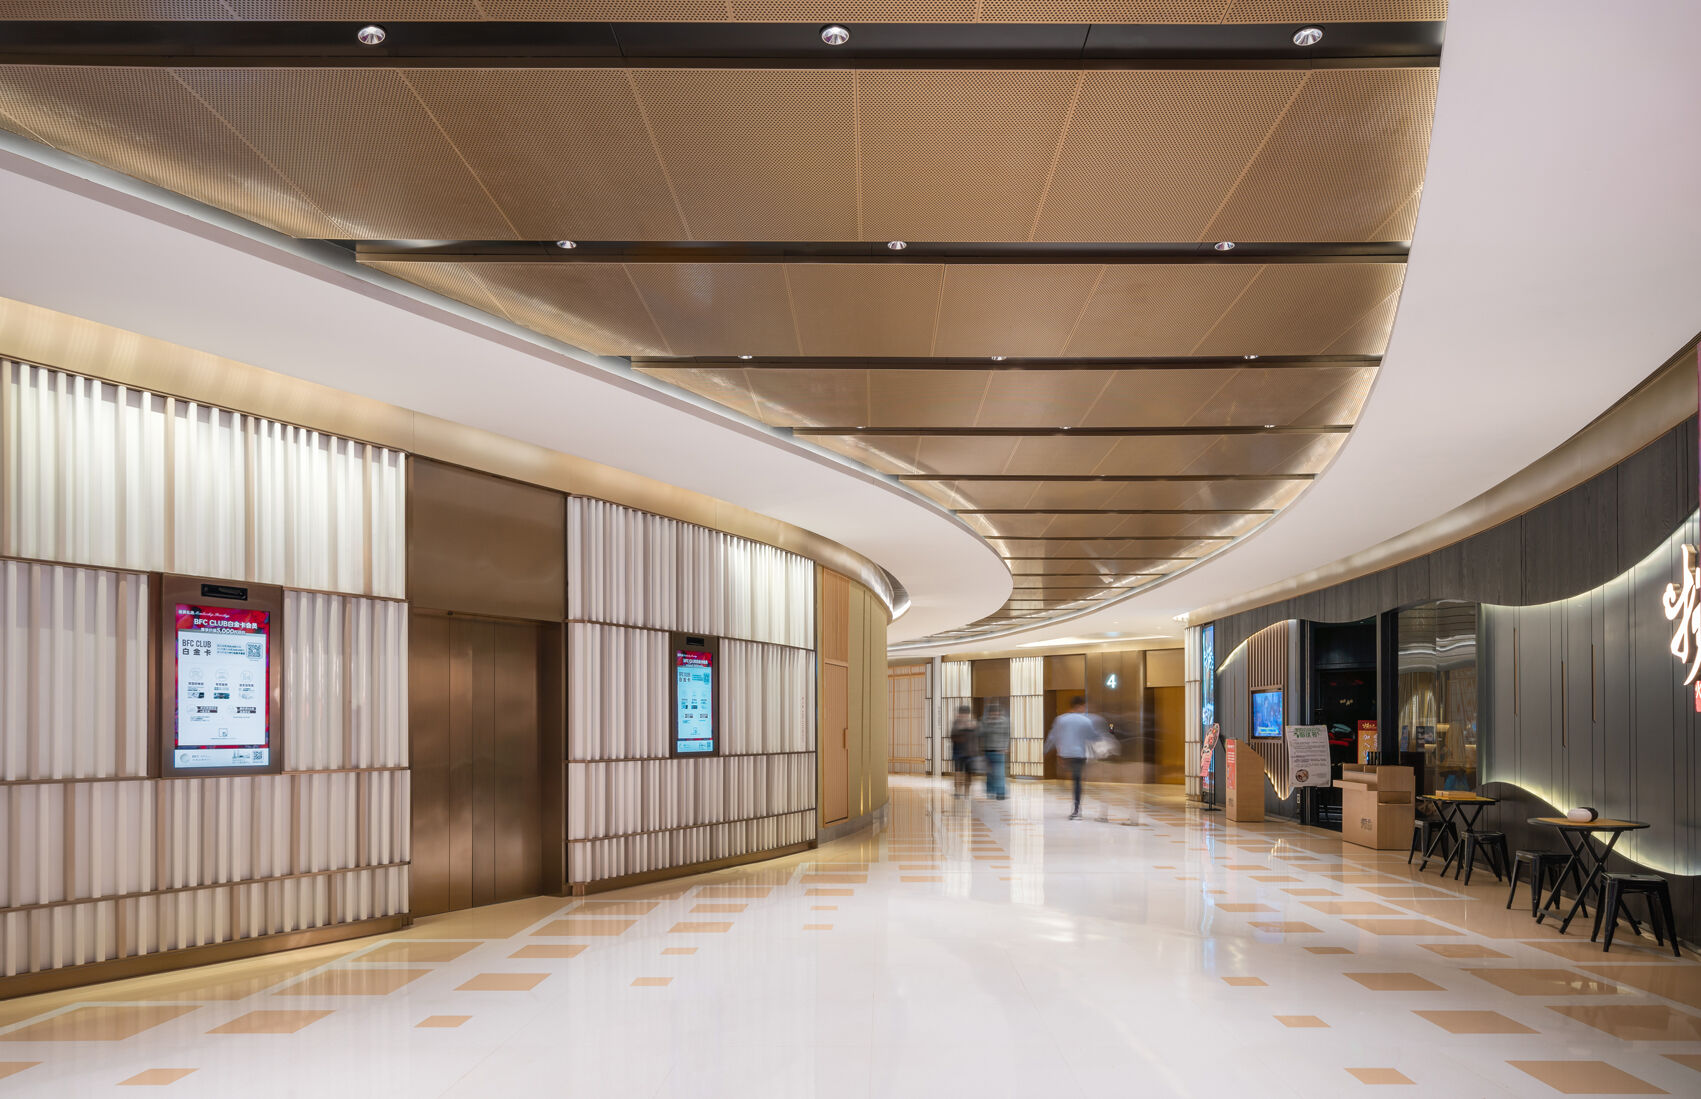 the ceiling aluminum extension in corridor space.jpg